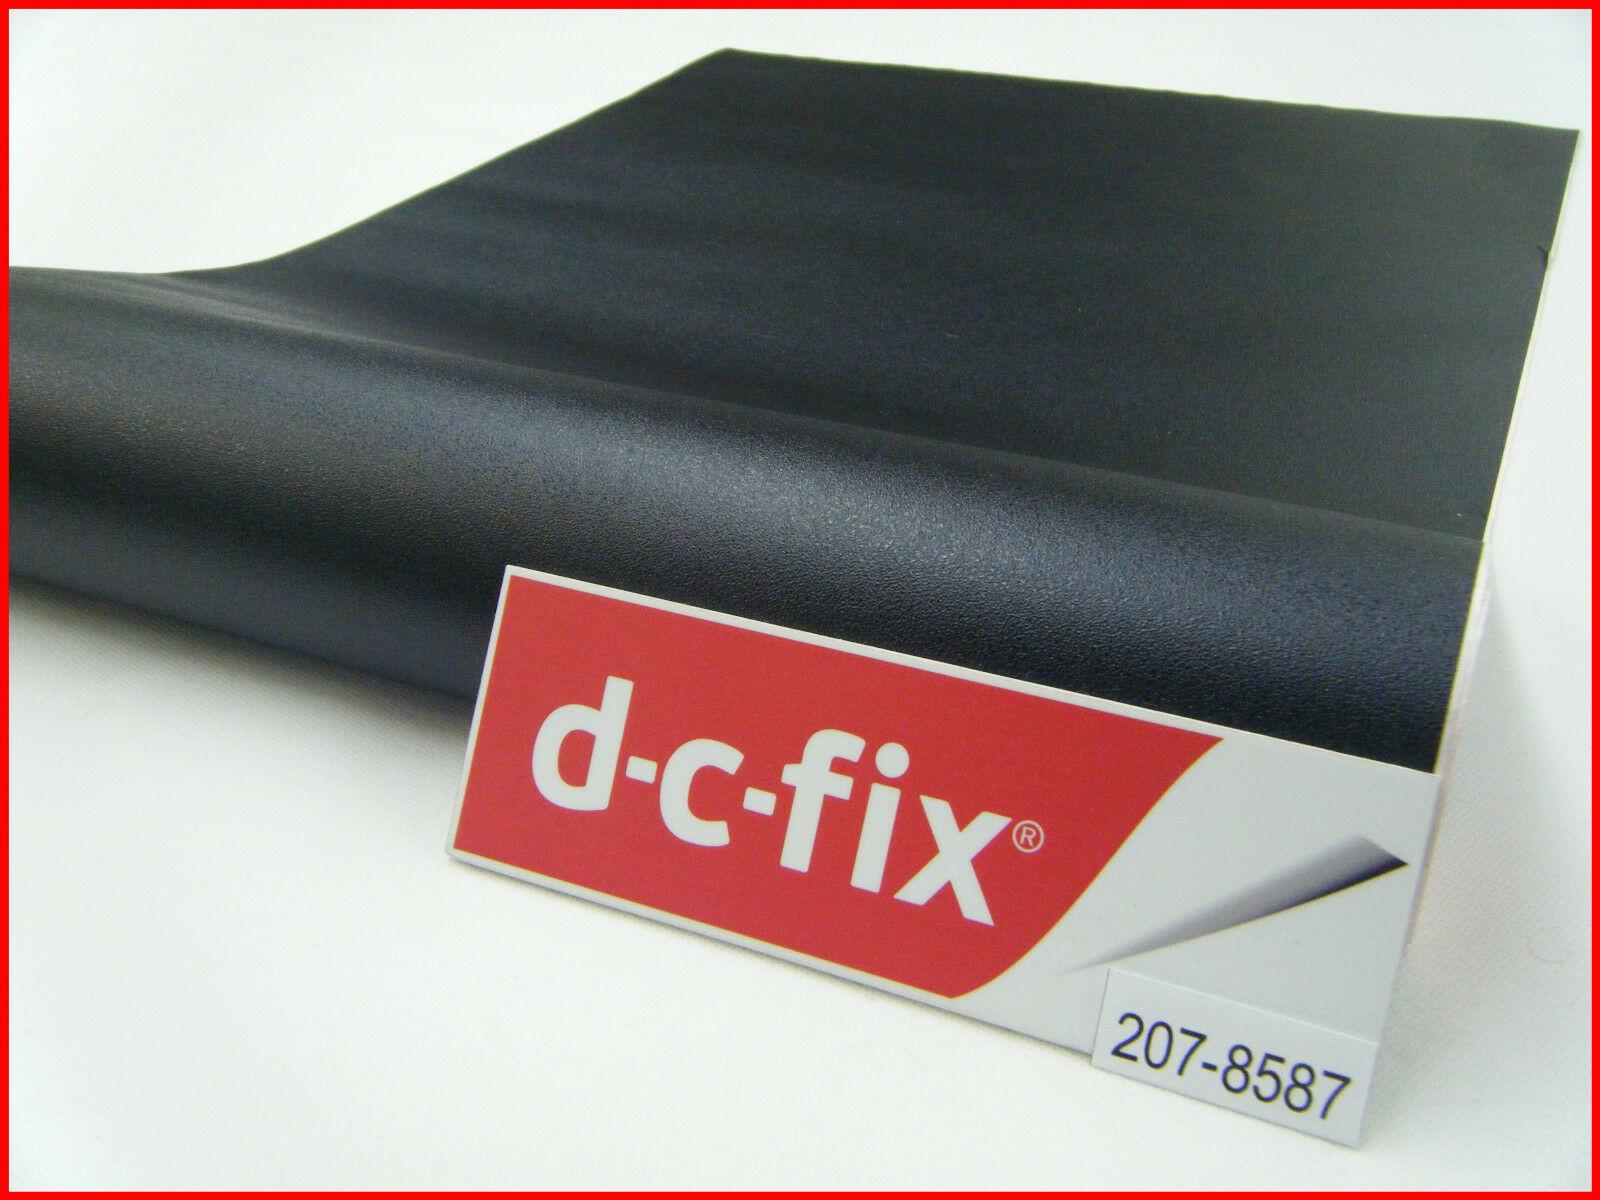 DC Fix Black Textured Semi Matt Self Adhesive Vinyl 17.7'' x 39.3'' 207-8587 - $10.25